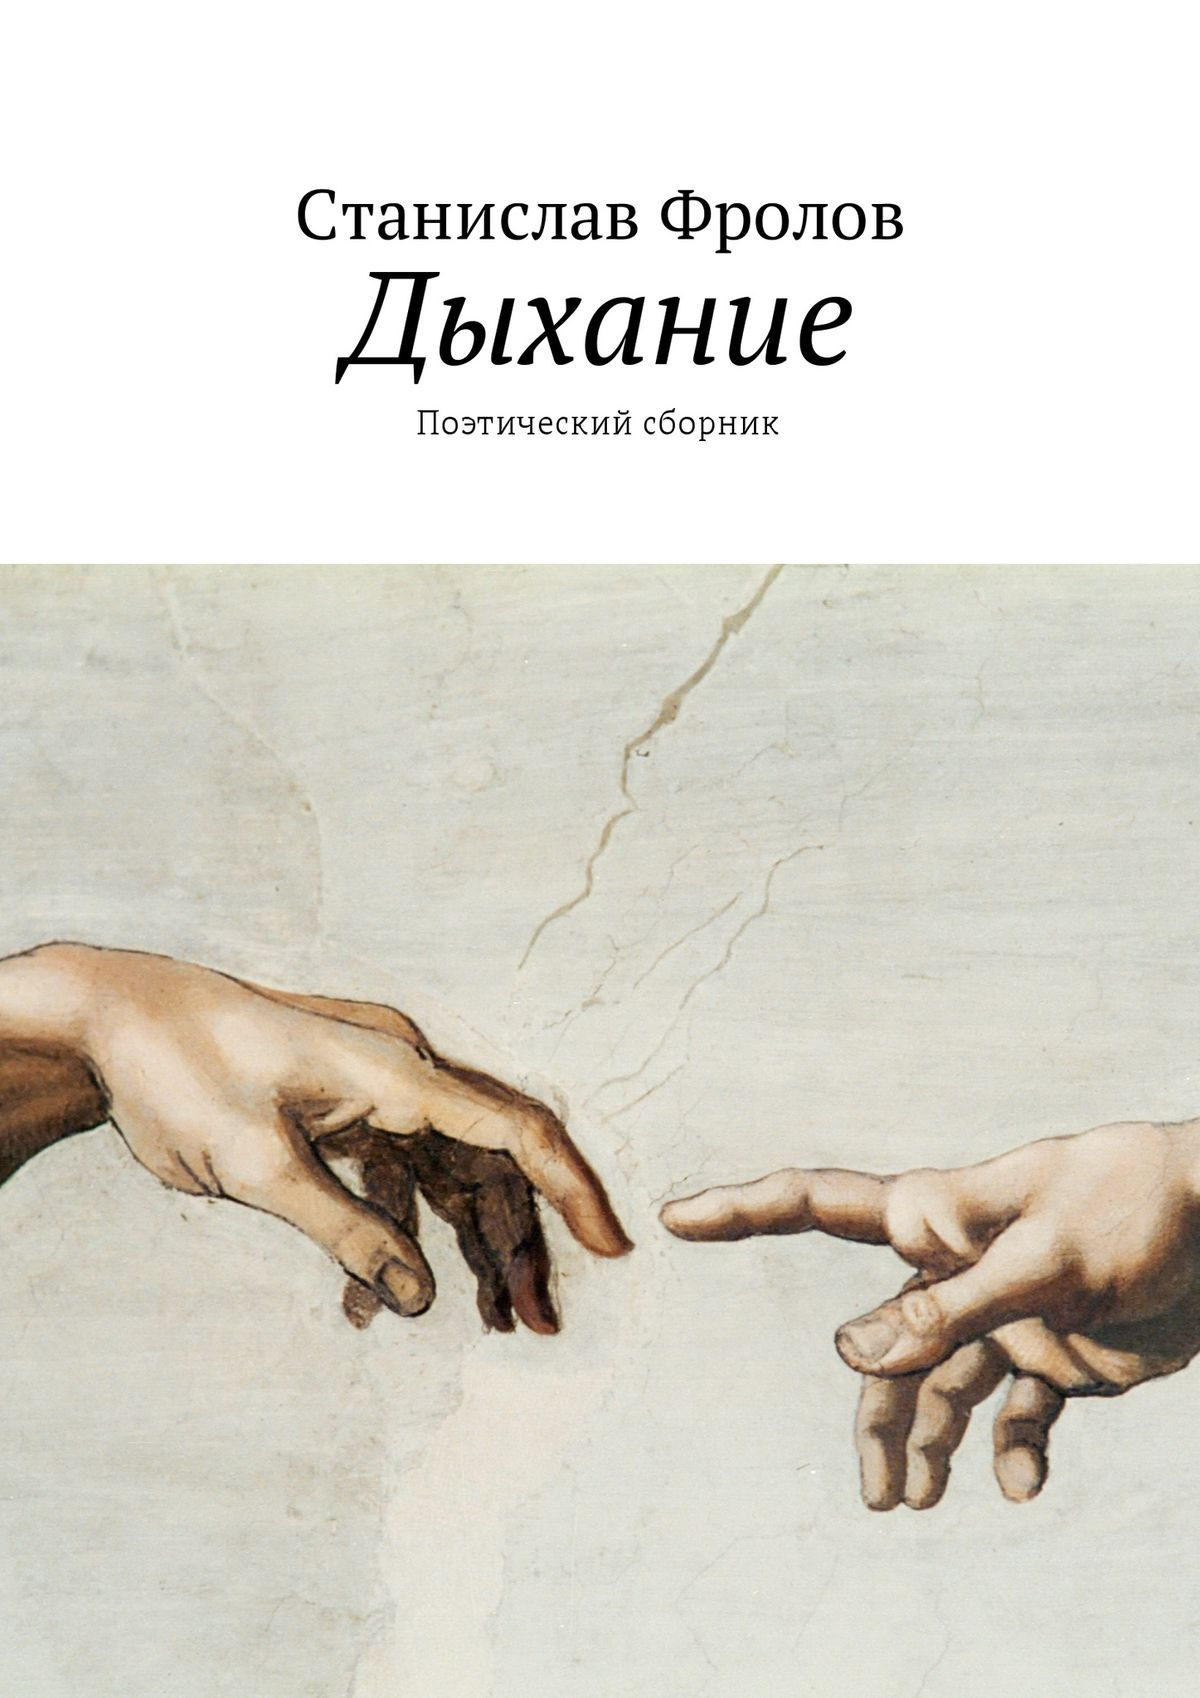 Станислав Фролов Дыхание. Поэтический сборник